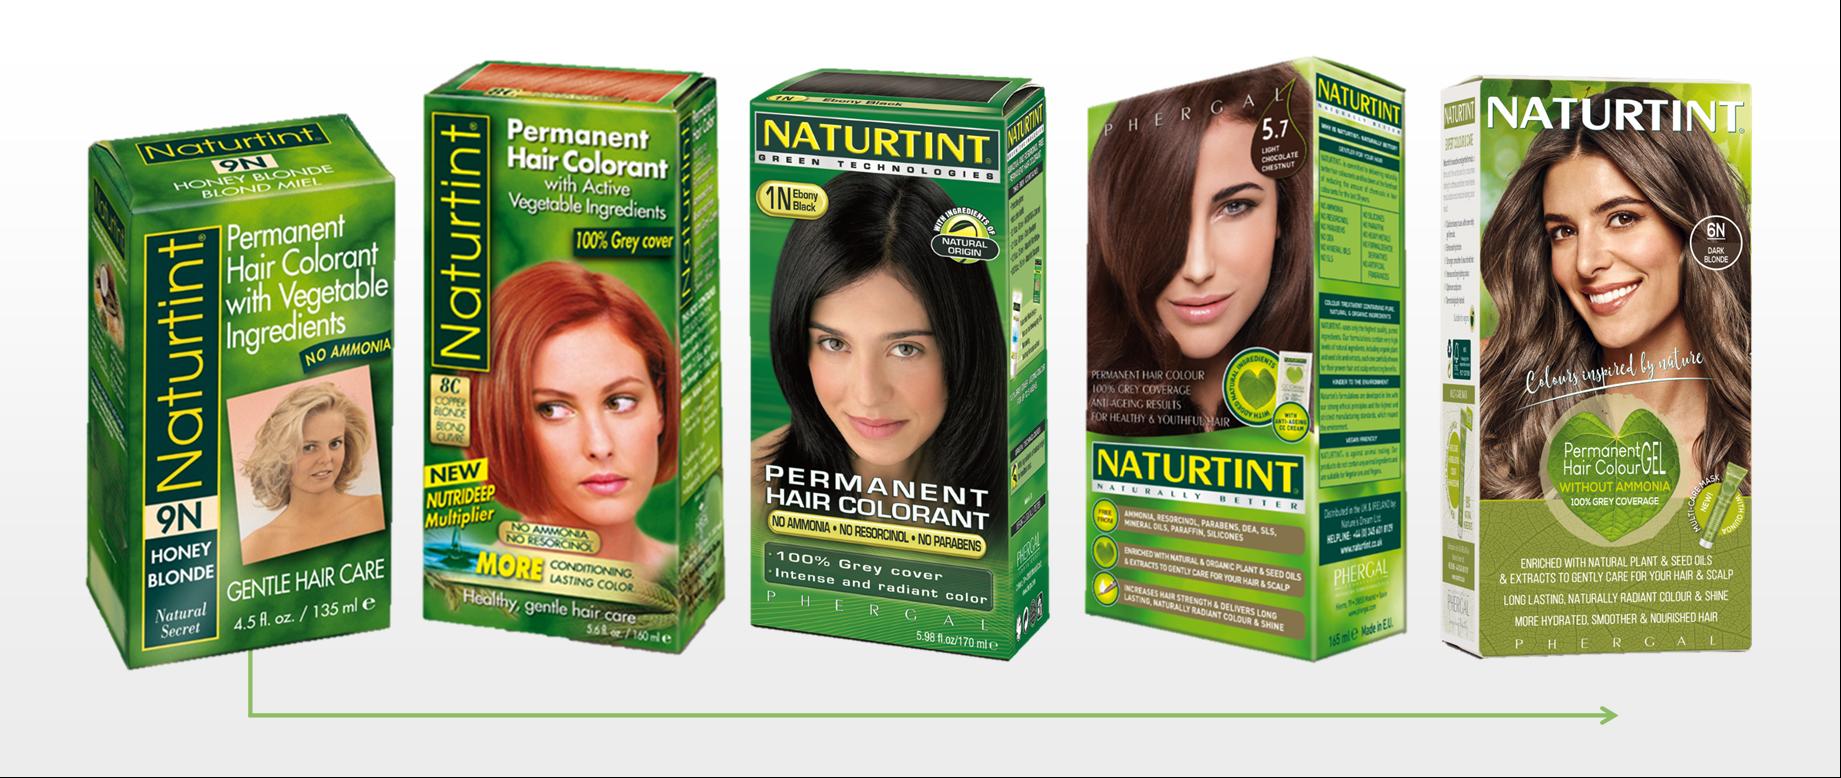 Naturtint through the years graphic